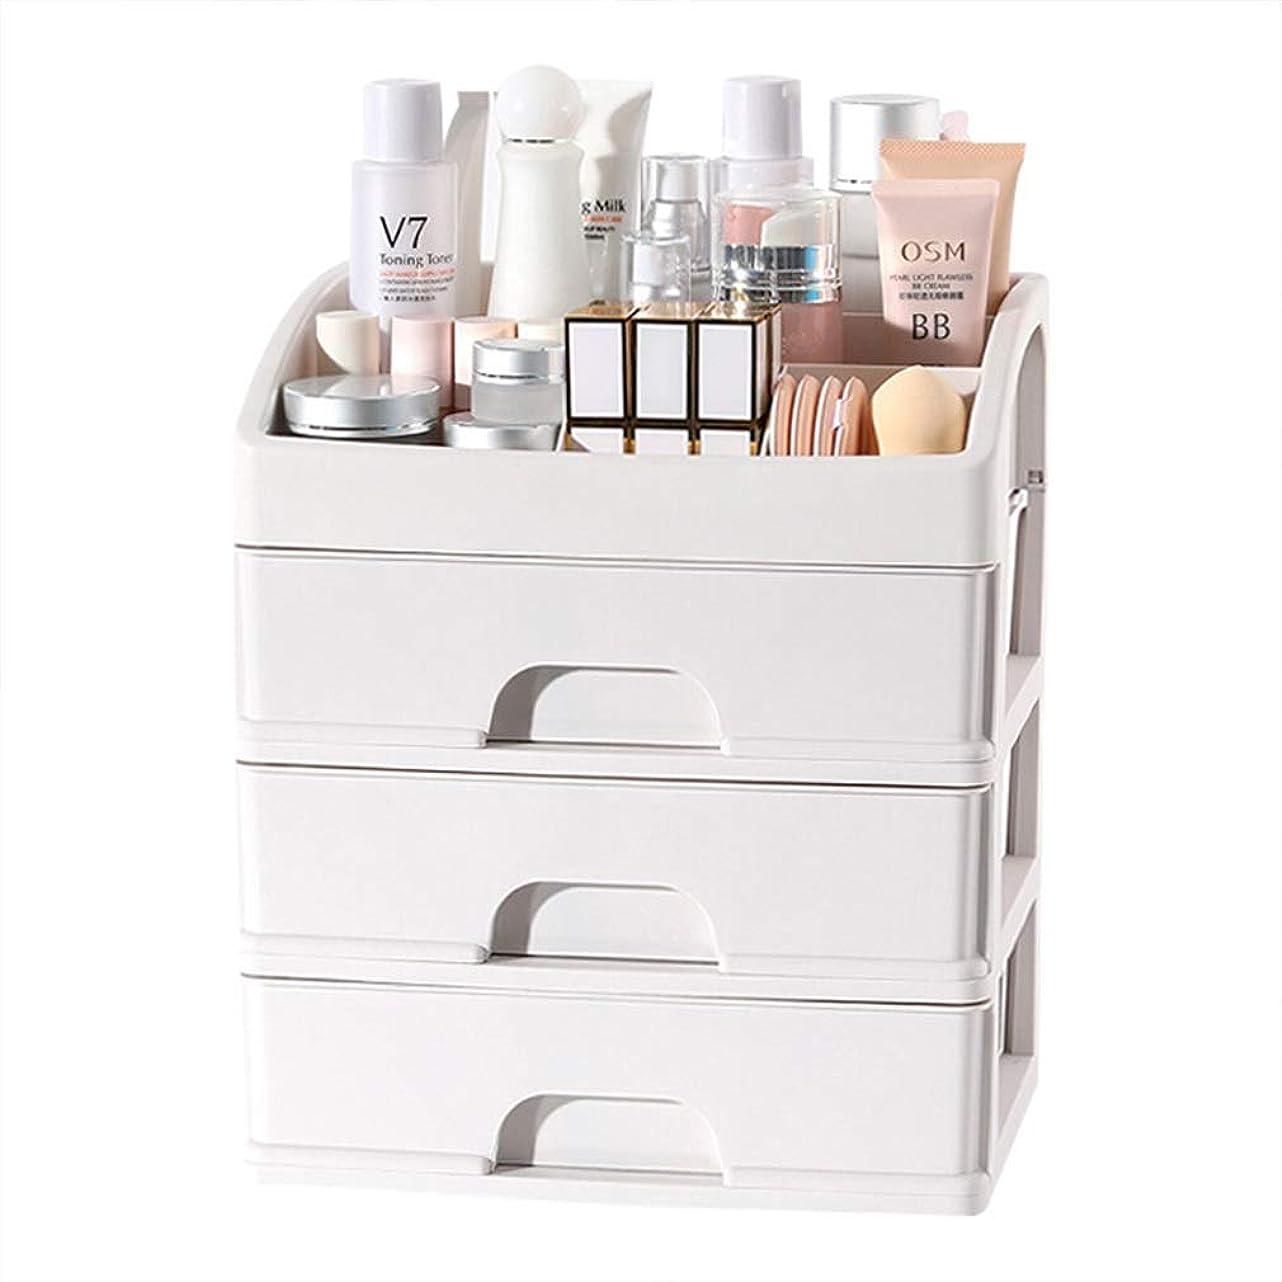 毛細血管偉業酸化粧オーガナイザー保管用化粧箱、ワニス、アート、クラフト用の引き出し3個、化粧ブラシセットホルダー、ジュエリーの寝室/浴室/部屋/生活に便利